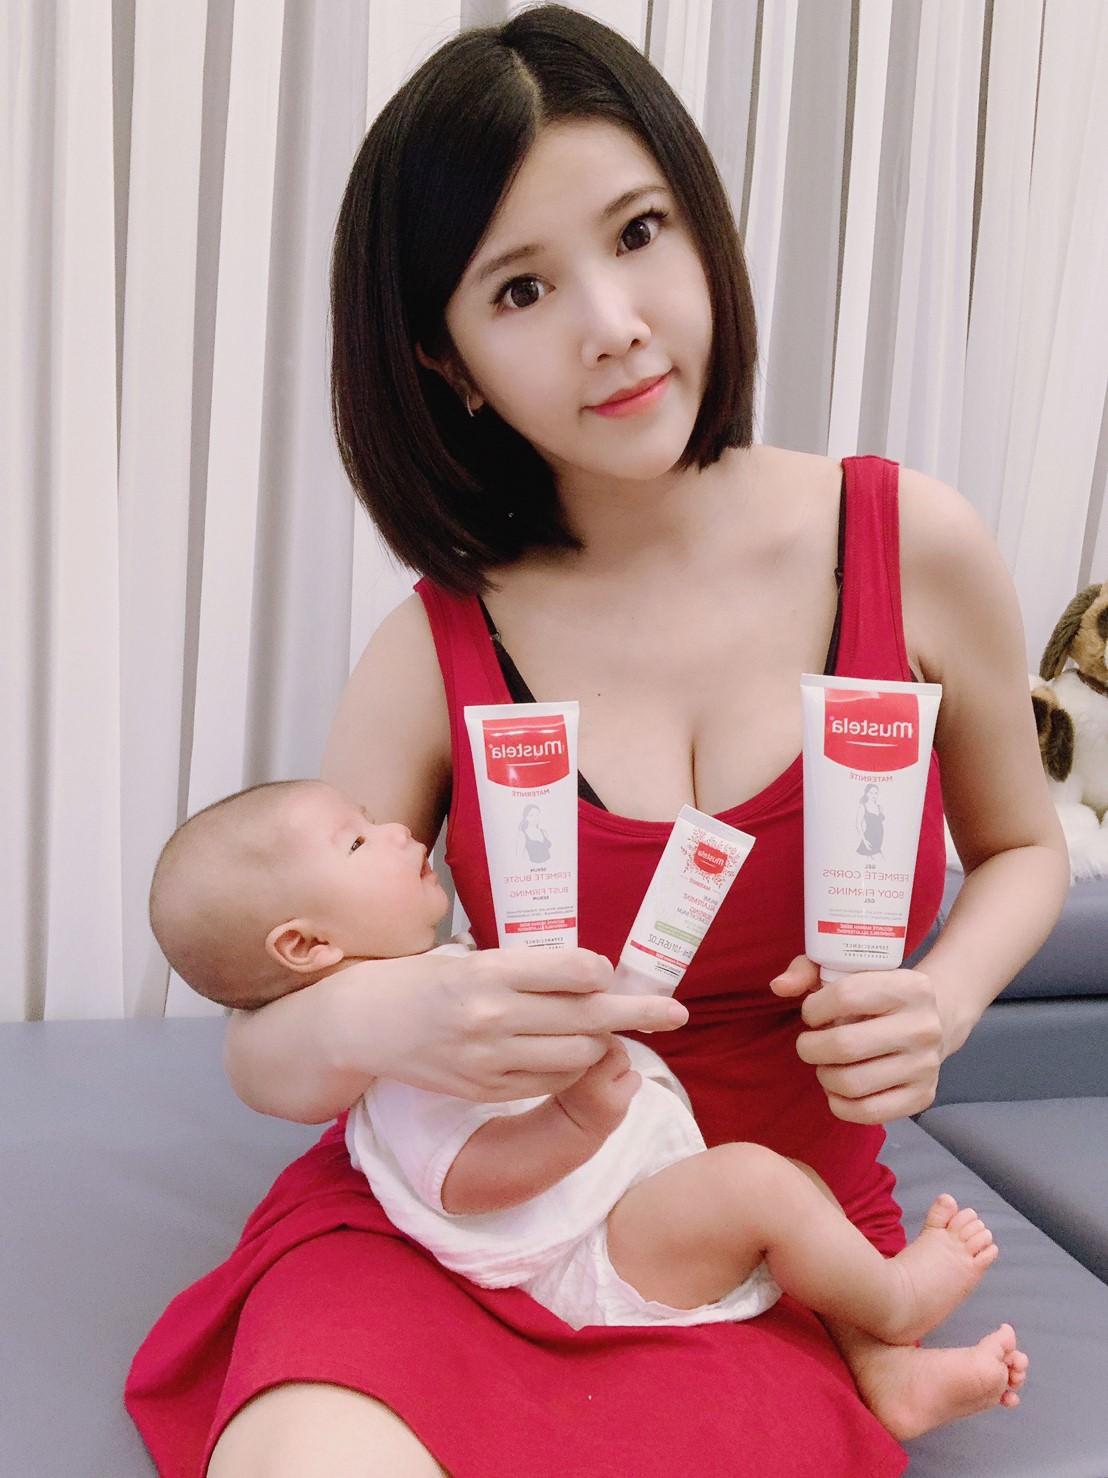 [花花育兒日記]讓我產後也可以安心保養肌膚的。Mustela慕之恬廊慕之孕系列